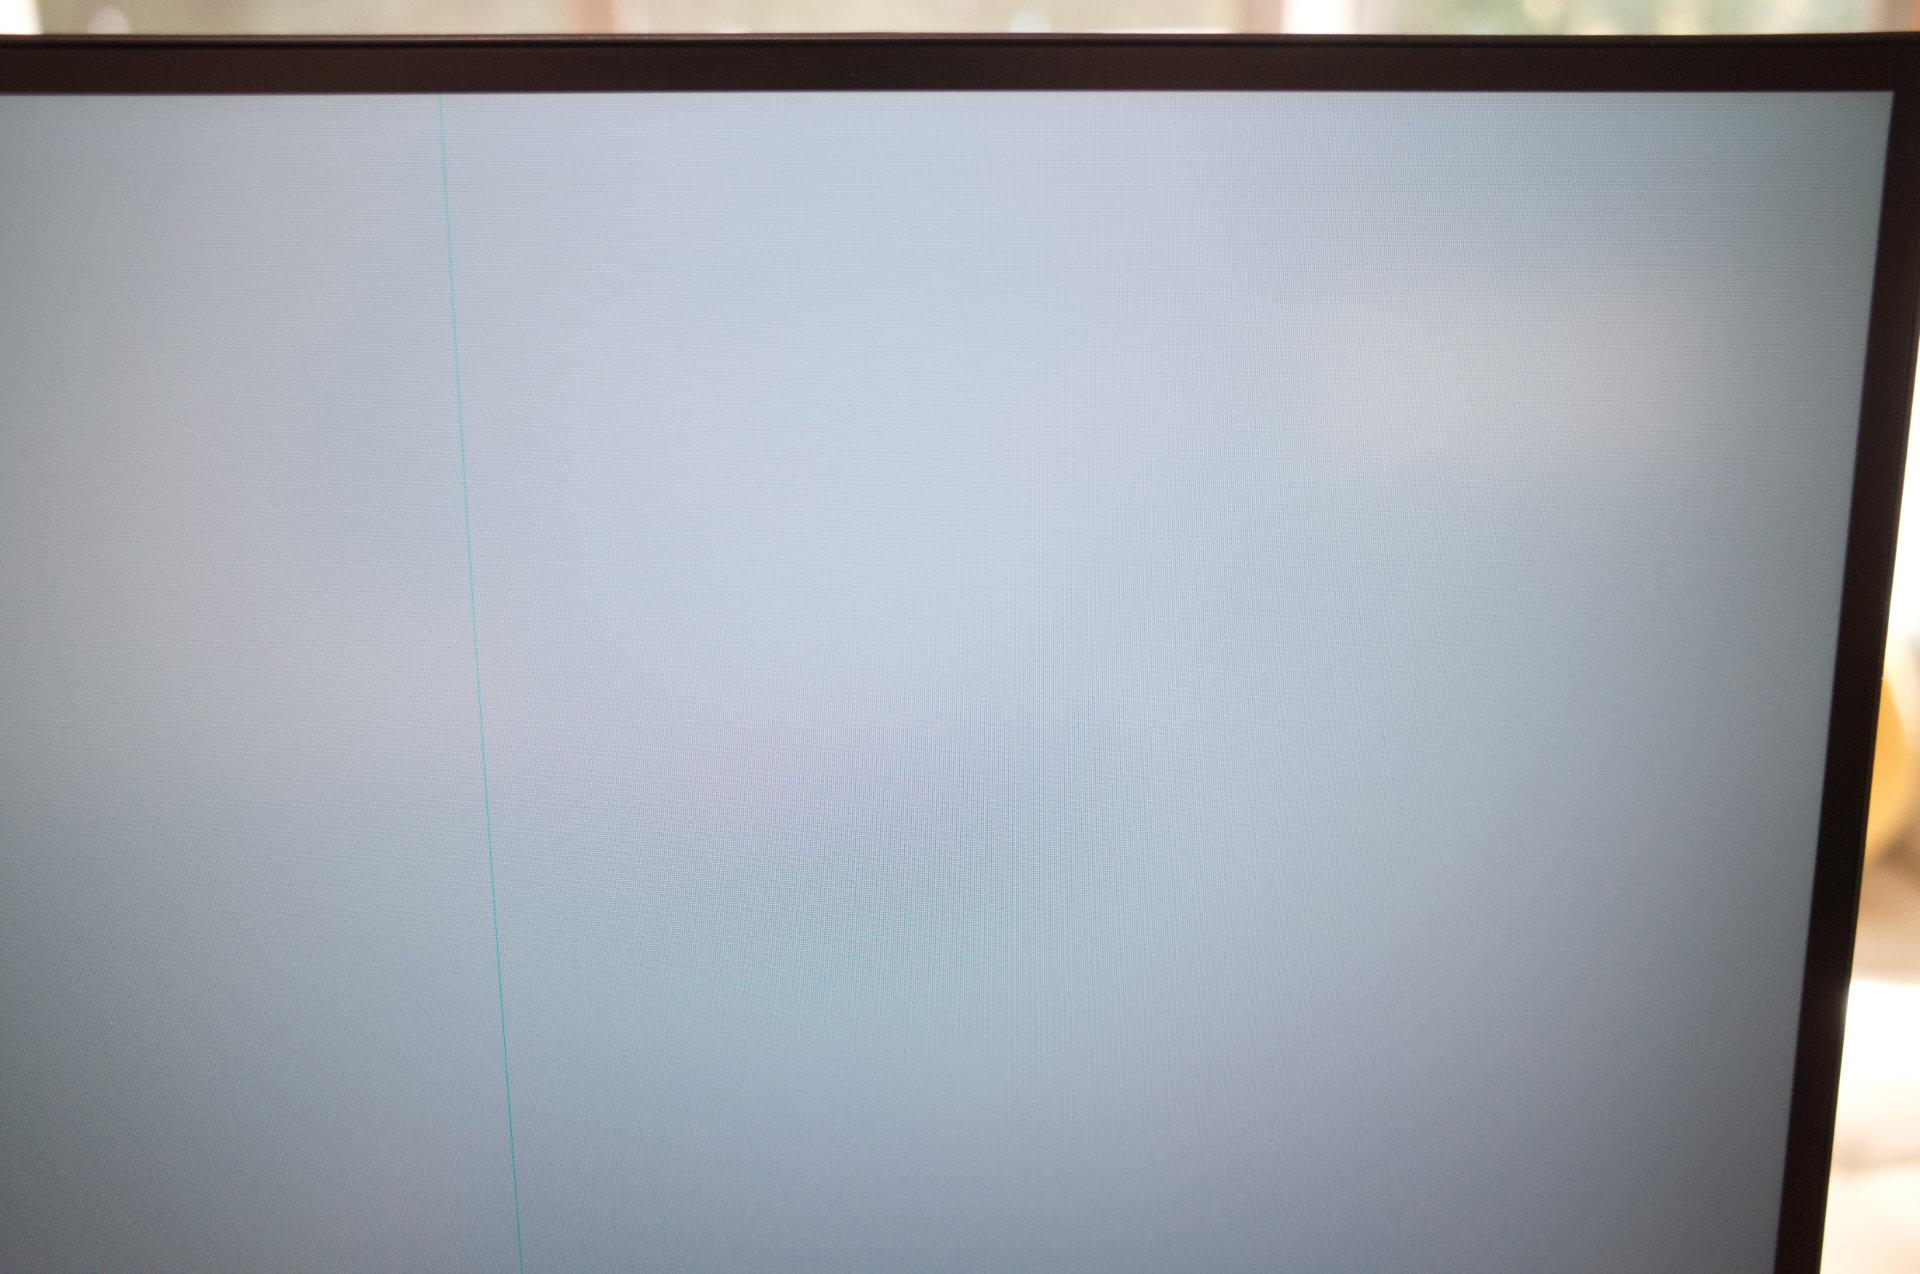 Dell「U3219Q 31.5(32)インチ 4K 」グレー色のバックカラーを表示